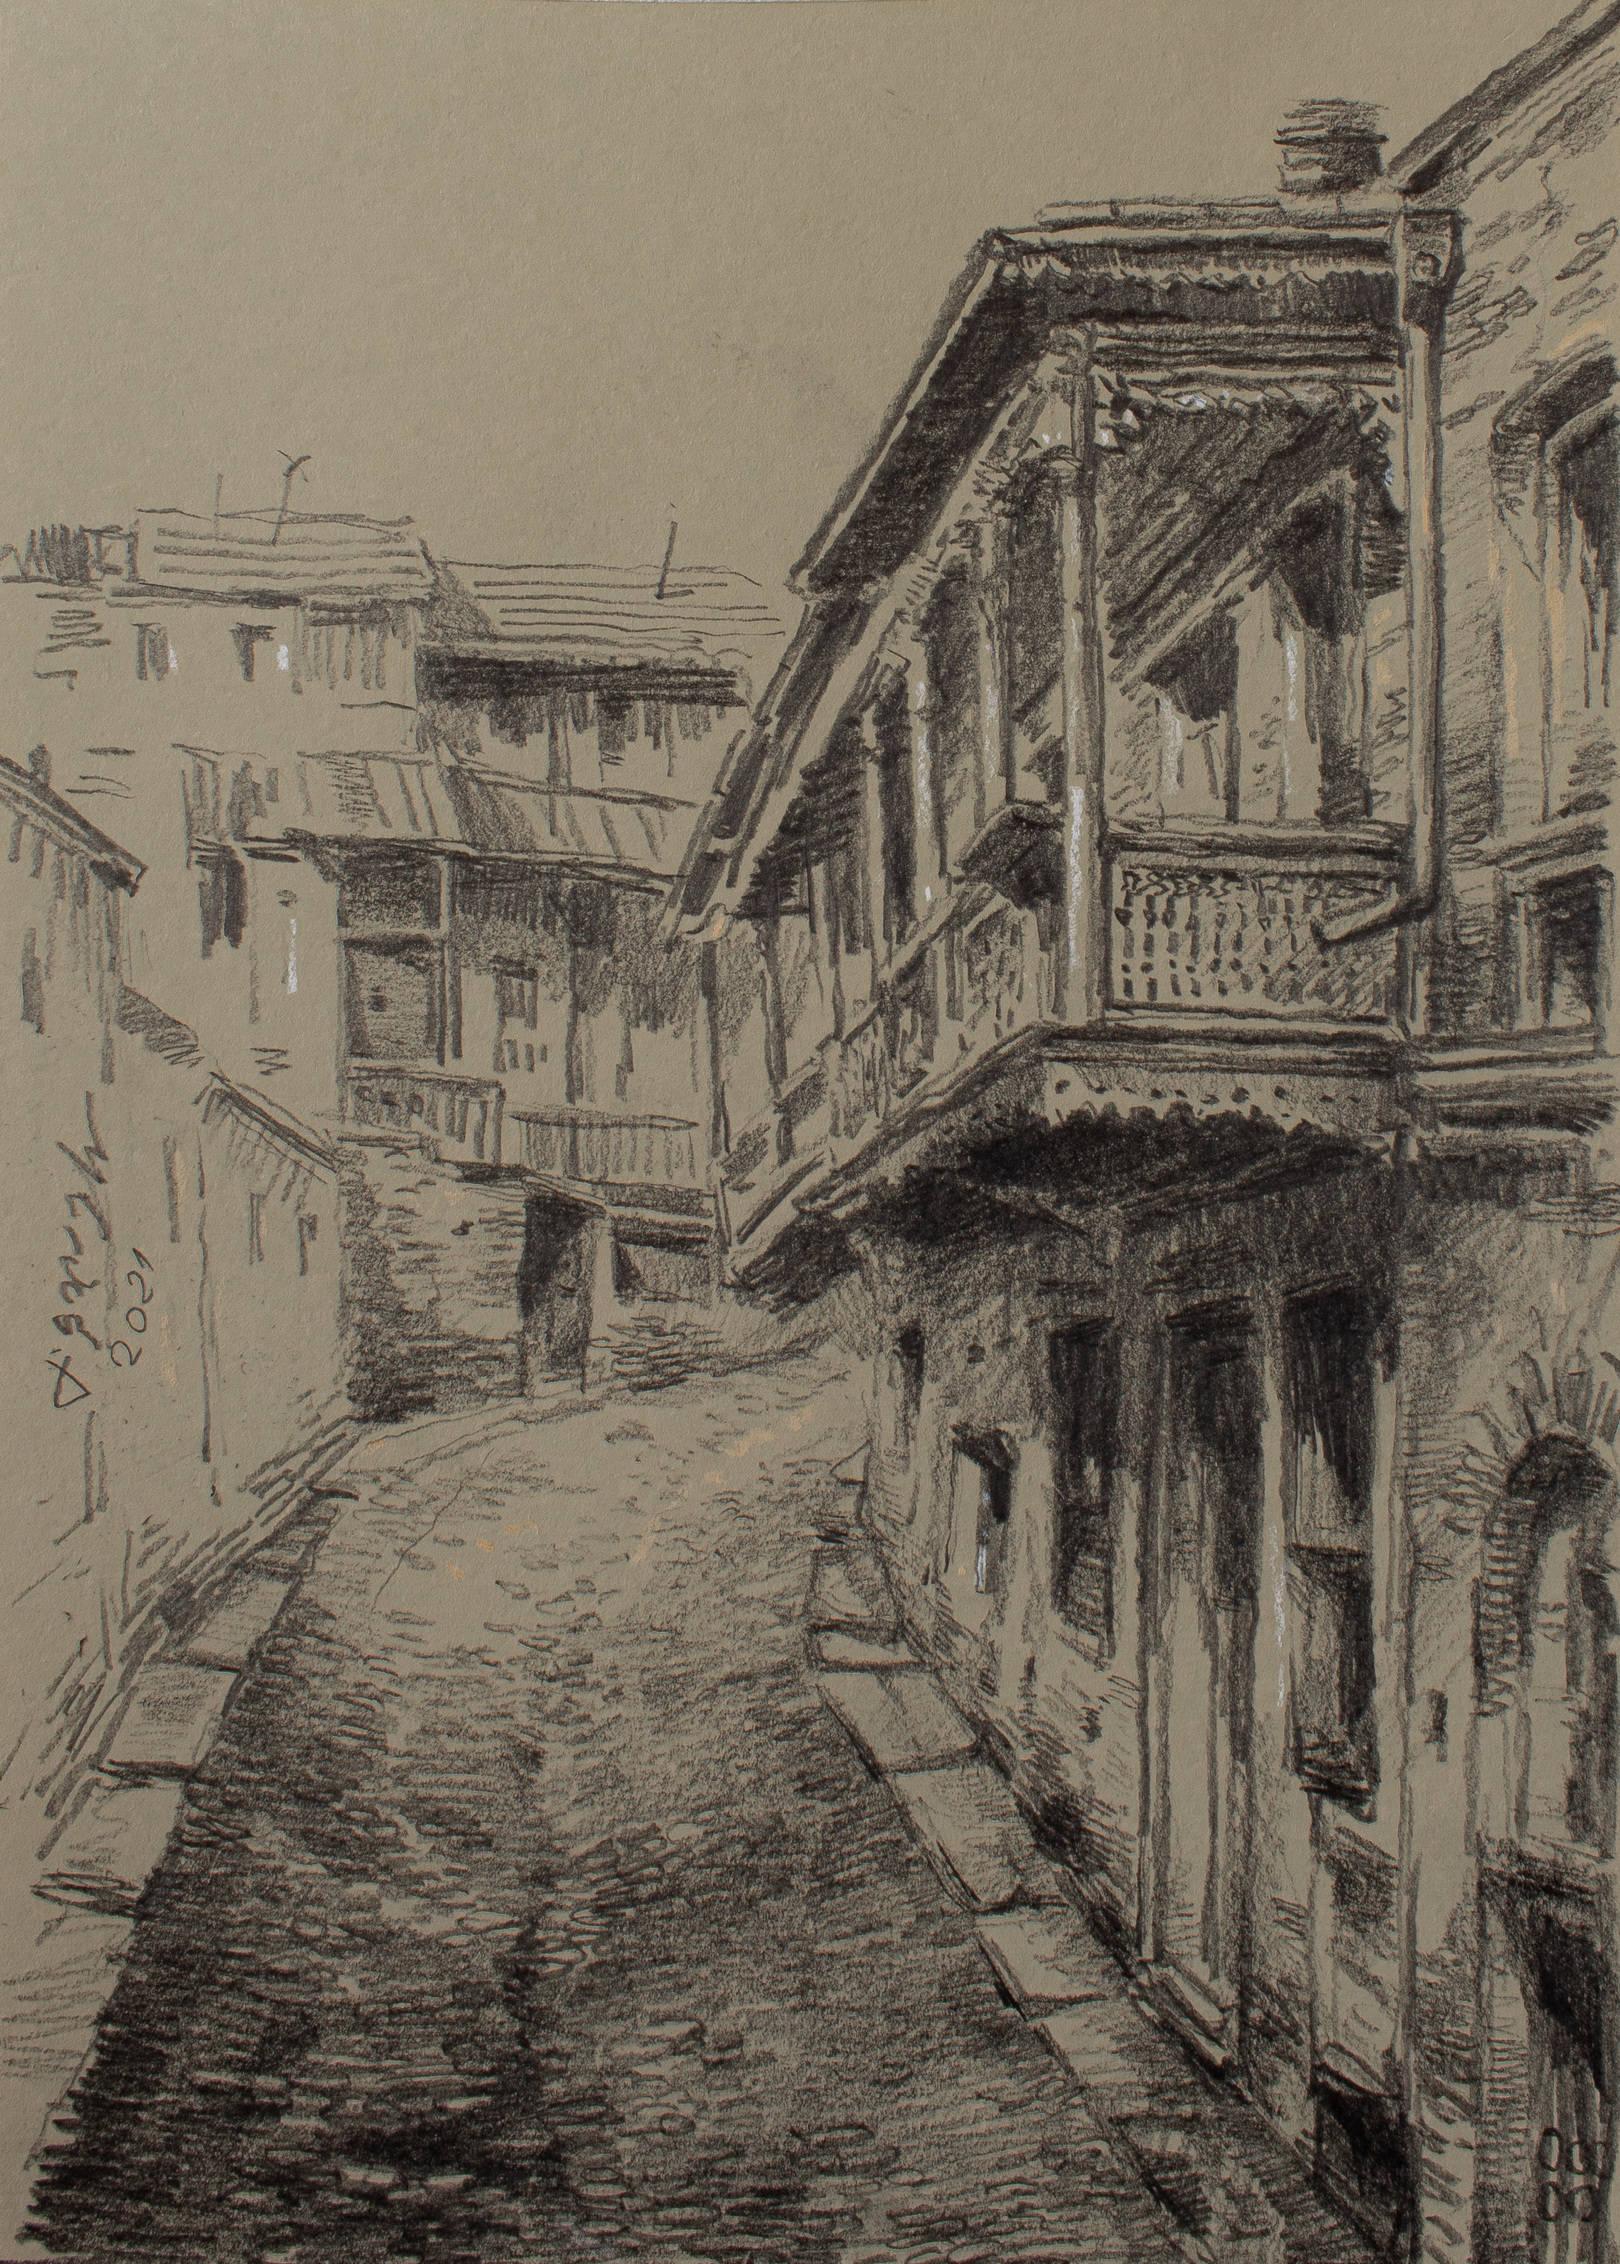 «Старый Тбилиси» бумага, карандаш «Old Tbilisi»             paper, pencil 30x20, 2021